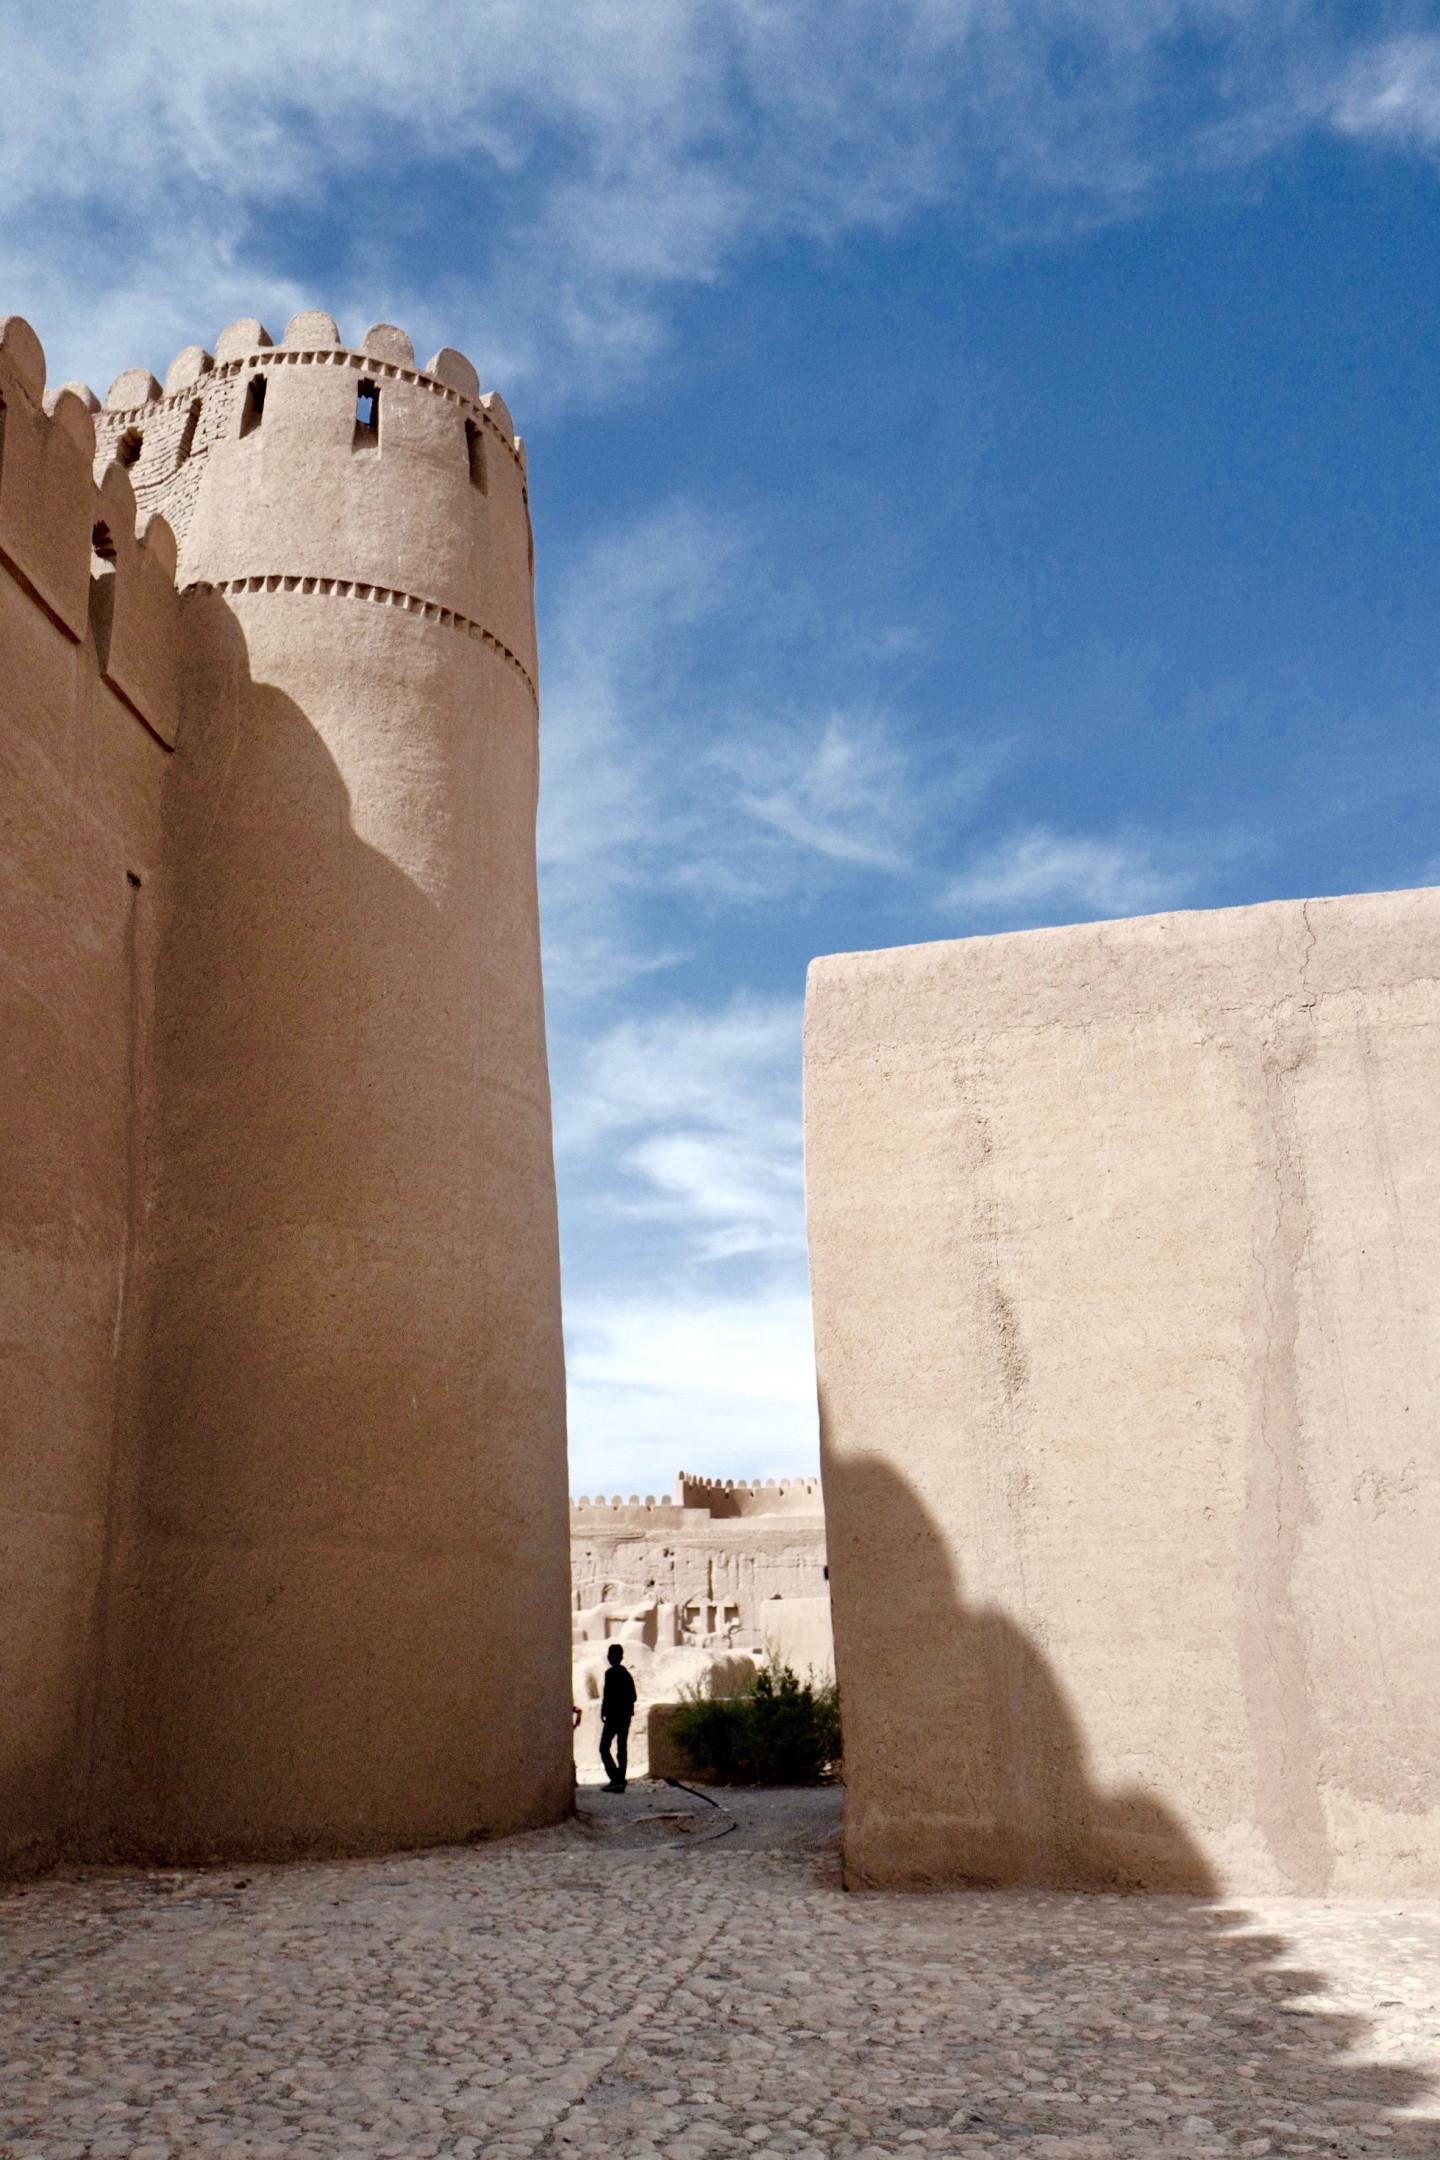 Руины крепости в Раене, основанной около 1500 лет назад, смотрятся причудливо на фоне реконструированных глинобитных стен